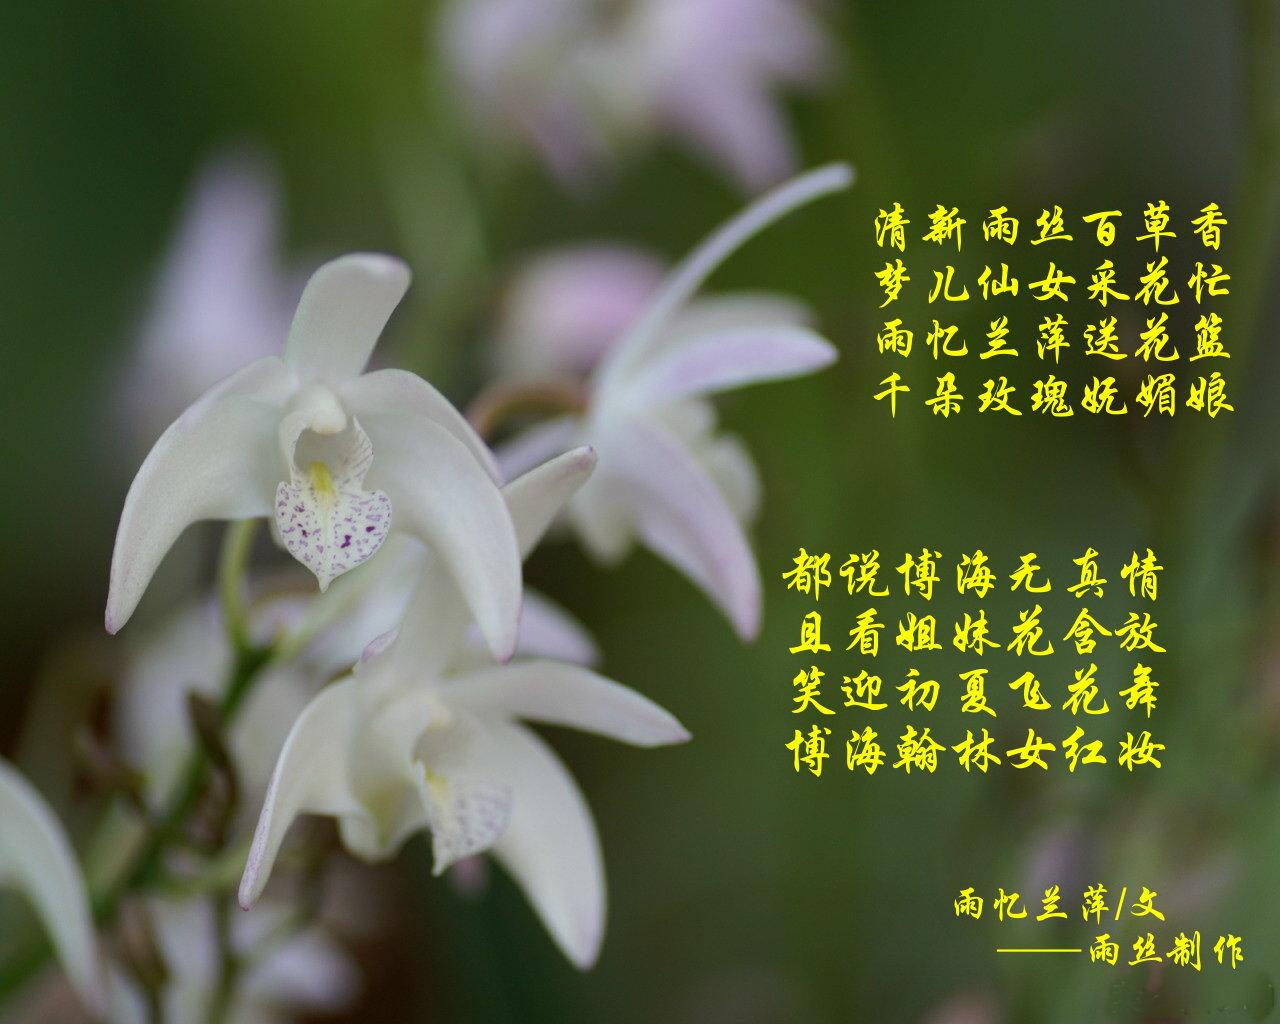 《雨忆兰萍诗集》——博海翰林女红妆 - 雨忆兰萍 - 网易雨忆兰萍的博客